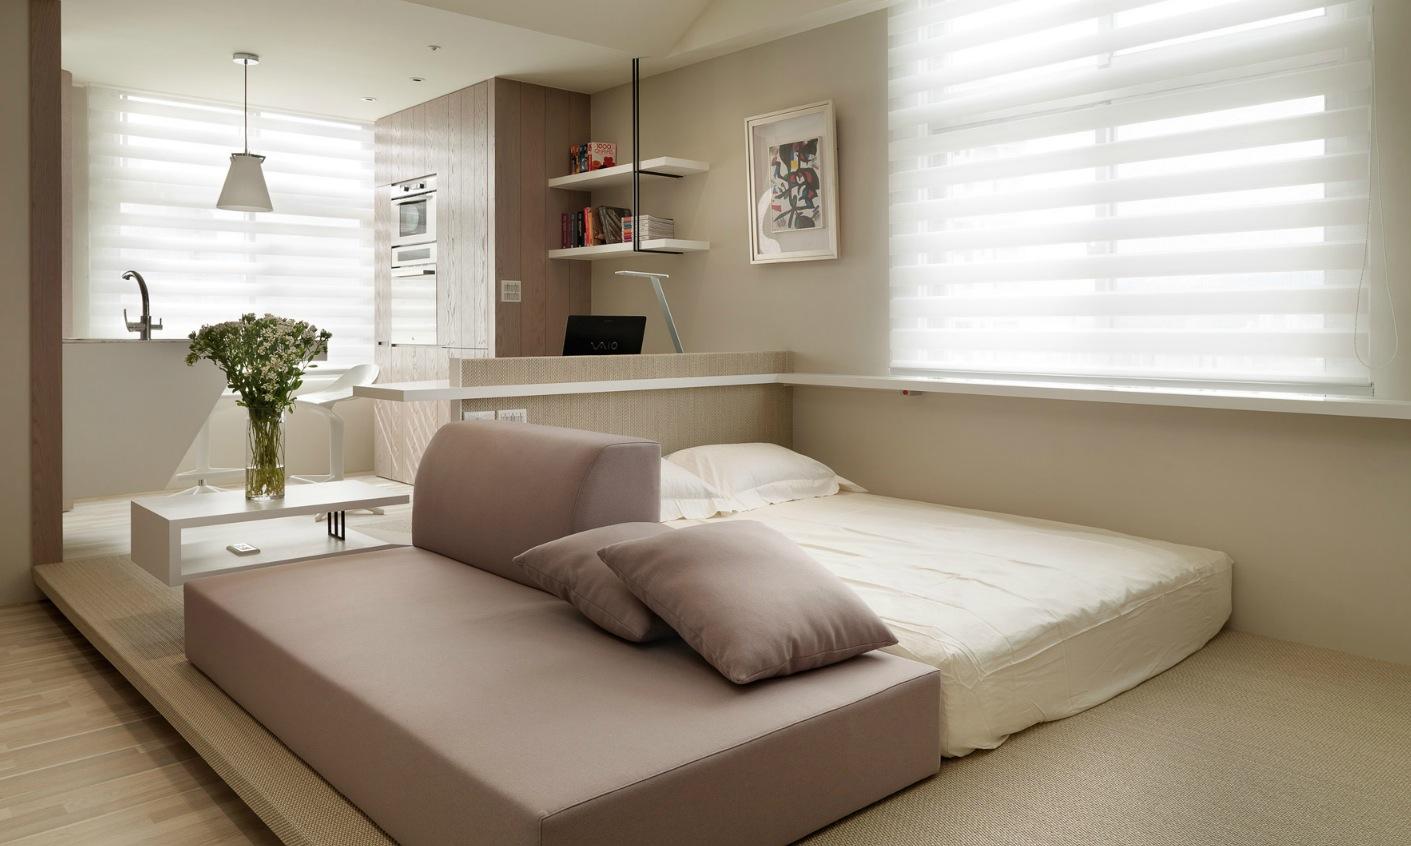 Для квартиры-студии лучше всего подойдут современные и компактные предметы интерьера